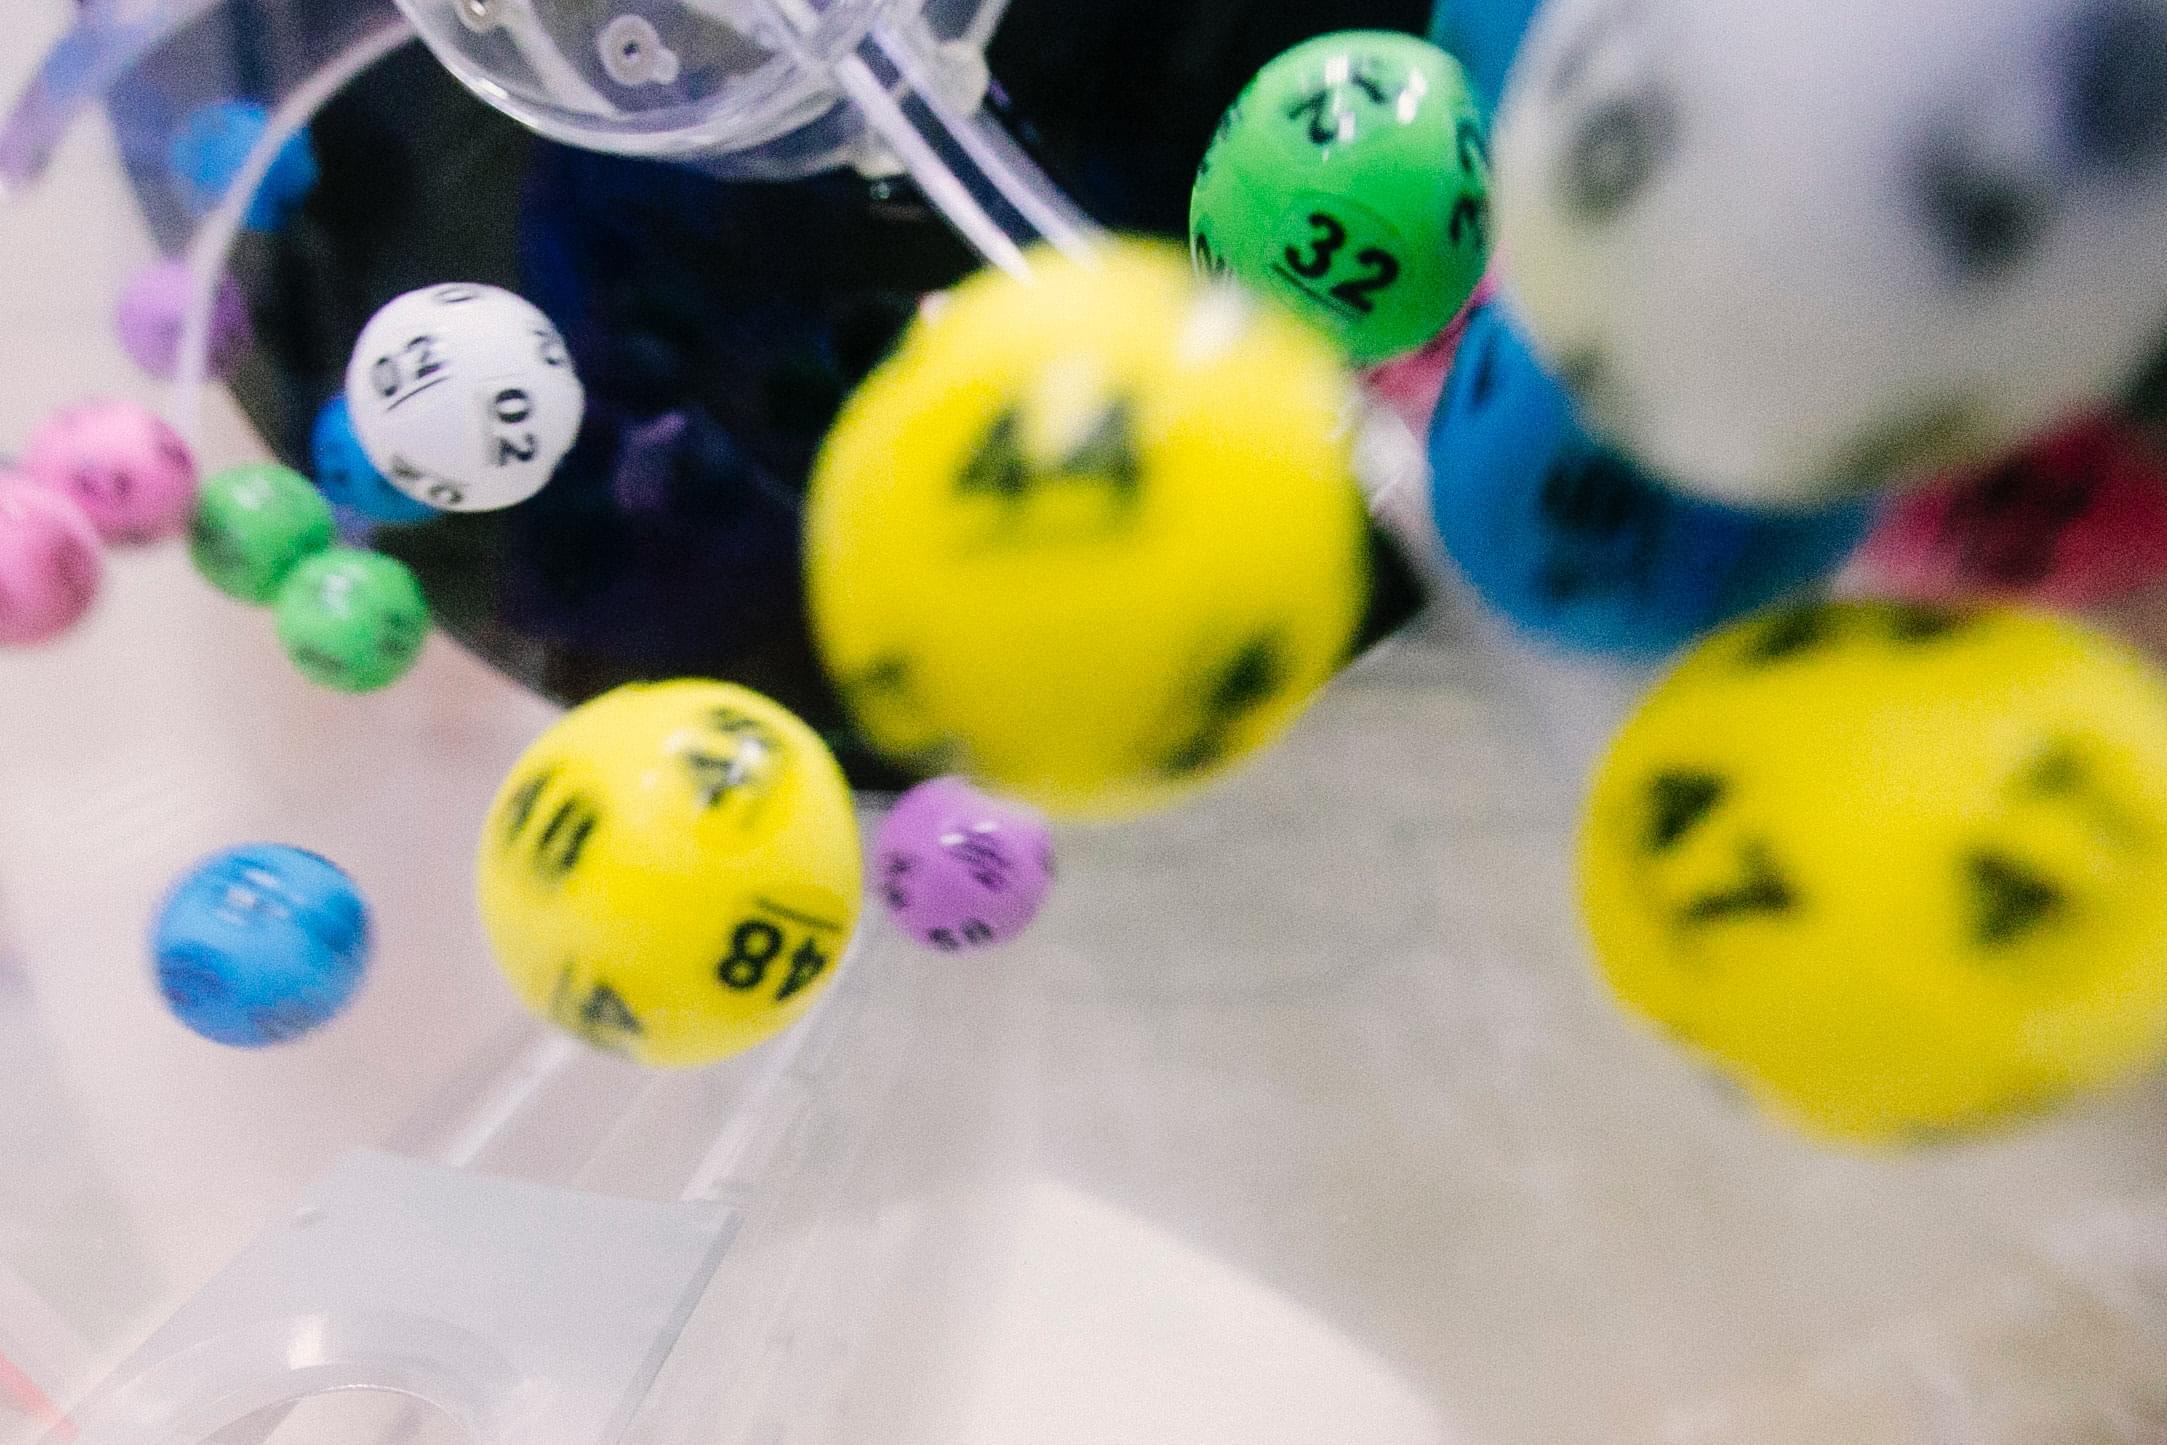 lotto balls-dylan-nolte-RSsqjpezn6o-unsplash